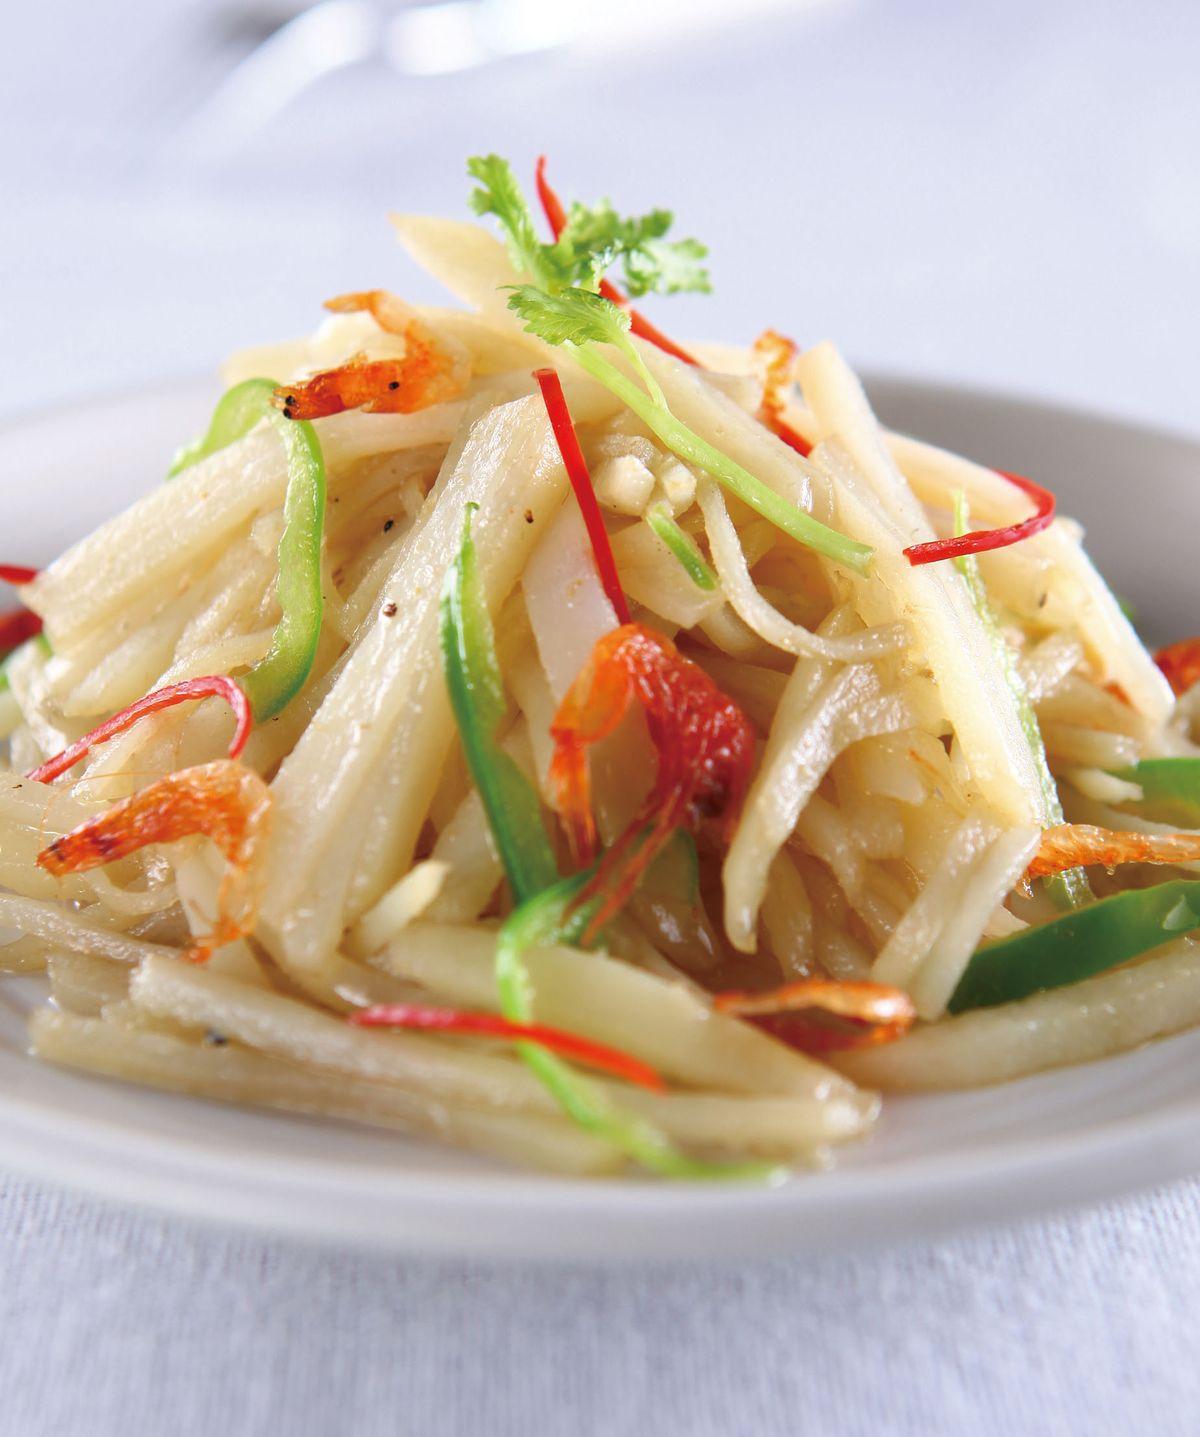 食譜:醋溜土豆櫻花蝦